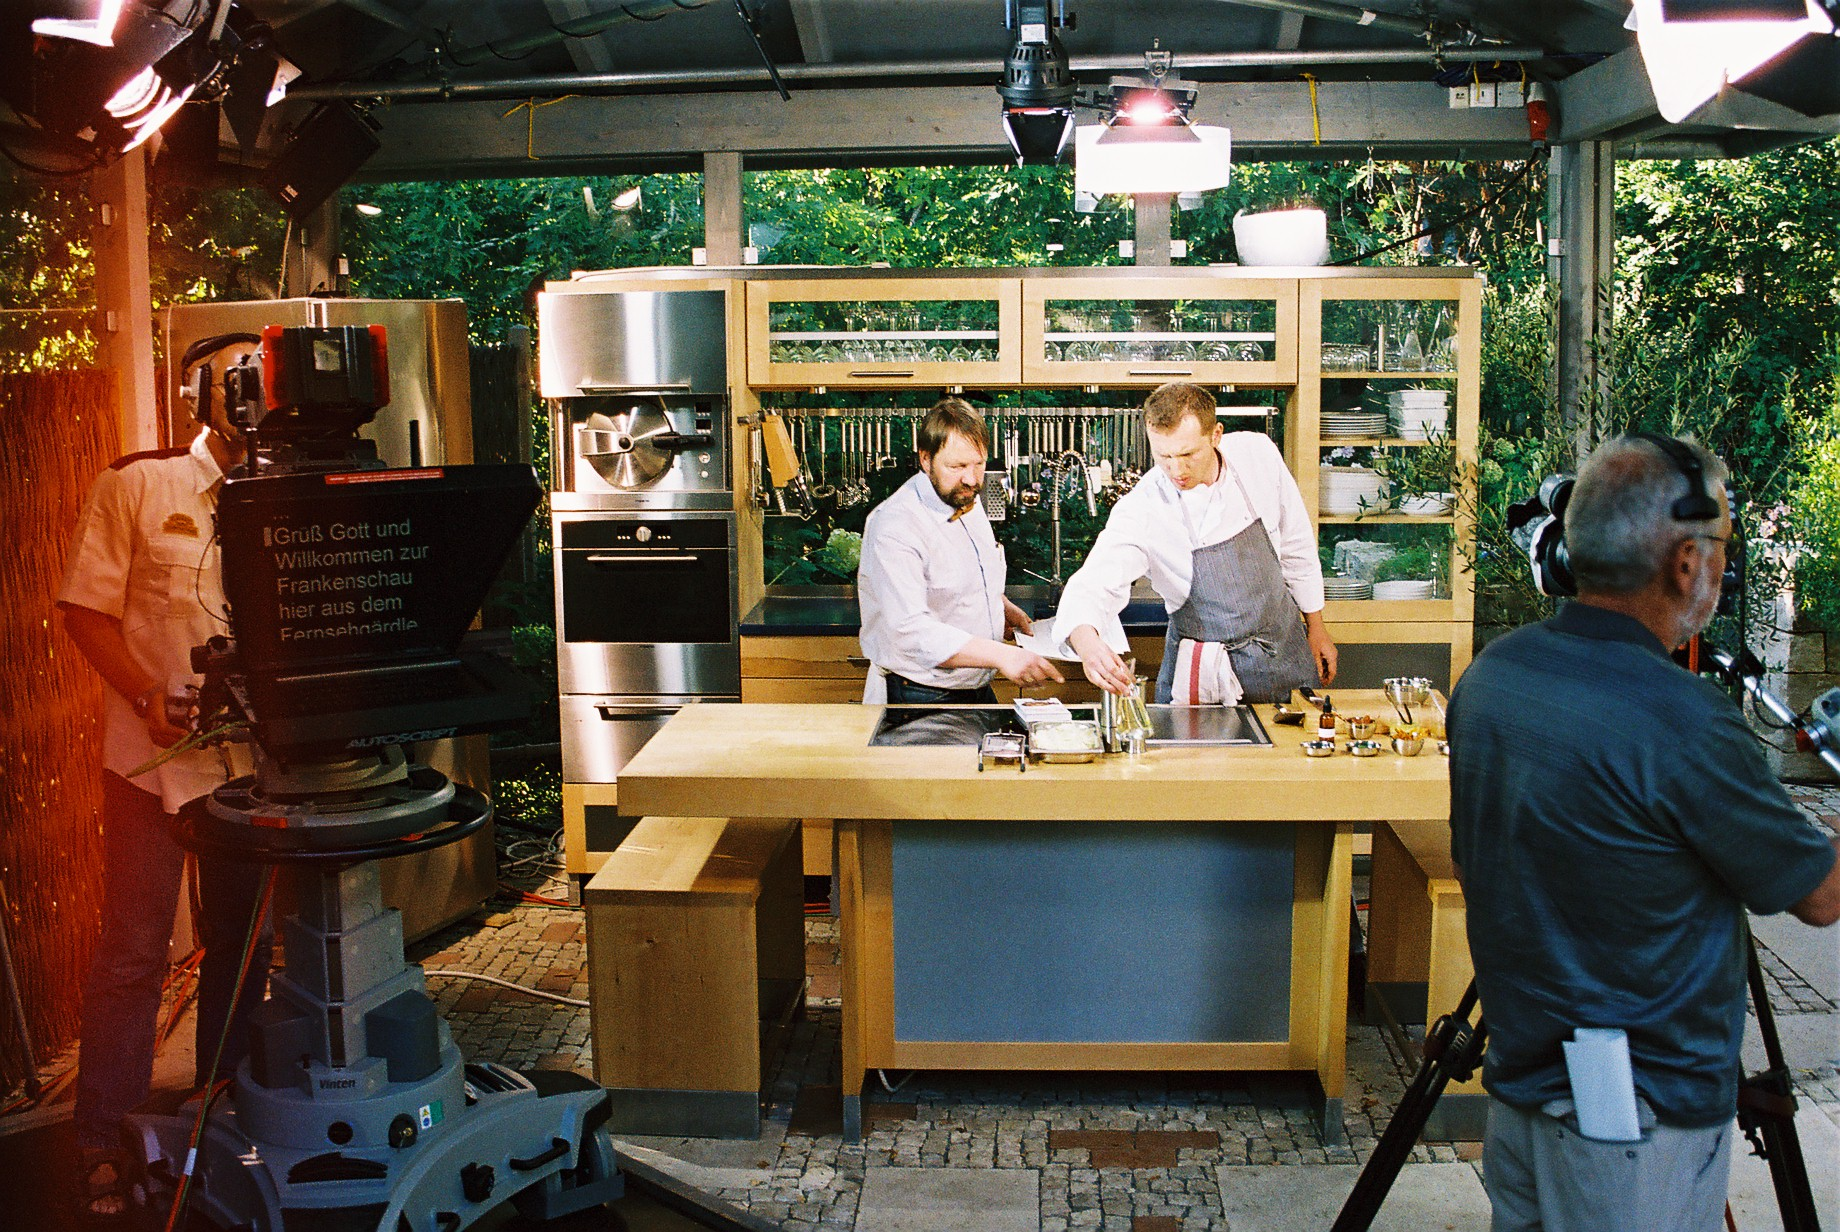 In der Holzküche der Möbelmacher beim Bayerischen Rundfunk mit zweisternekoch Andreé Köthe und herwig Danzer